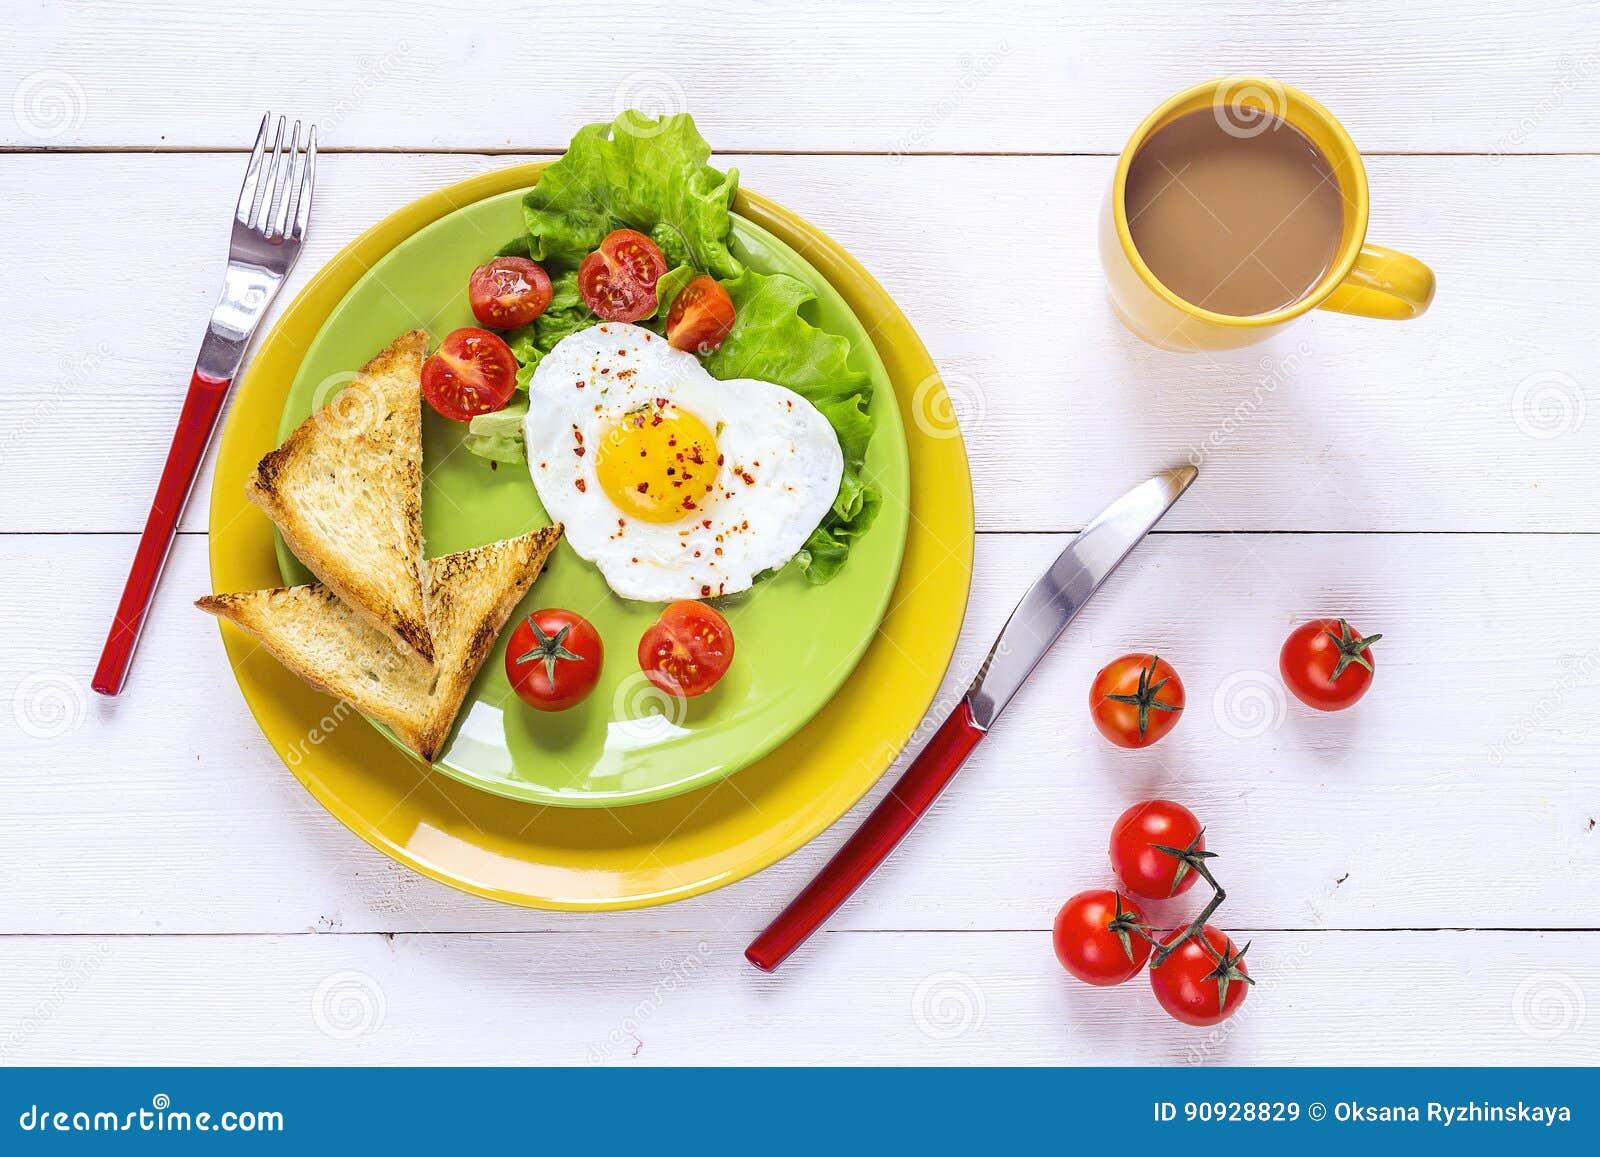 Café da manhã saudável com ovo frito coração-dado forma, brinde, cereja tom